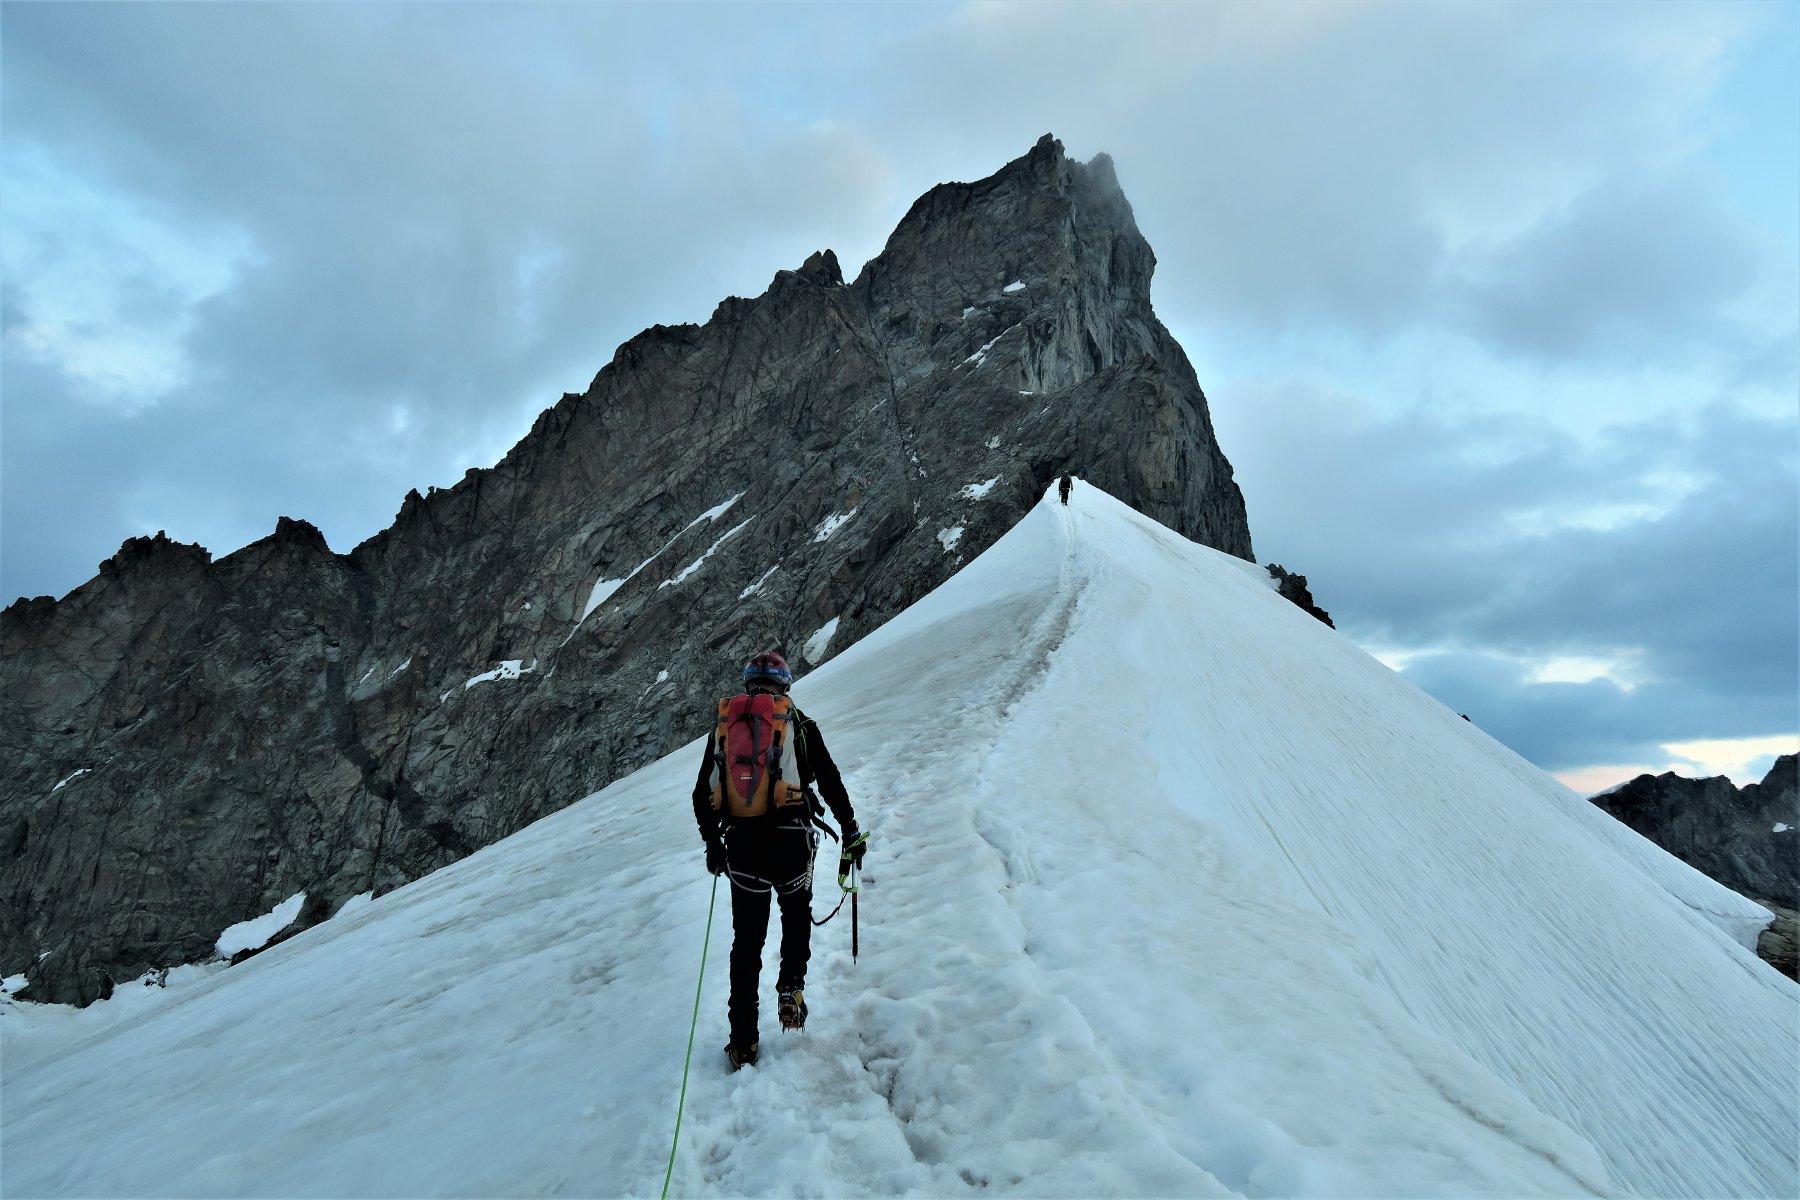 La spettacolare and easy Schneegrat poco prima dell'arrampicata finale